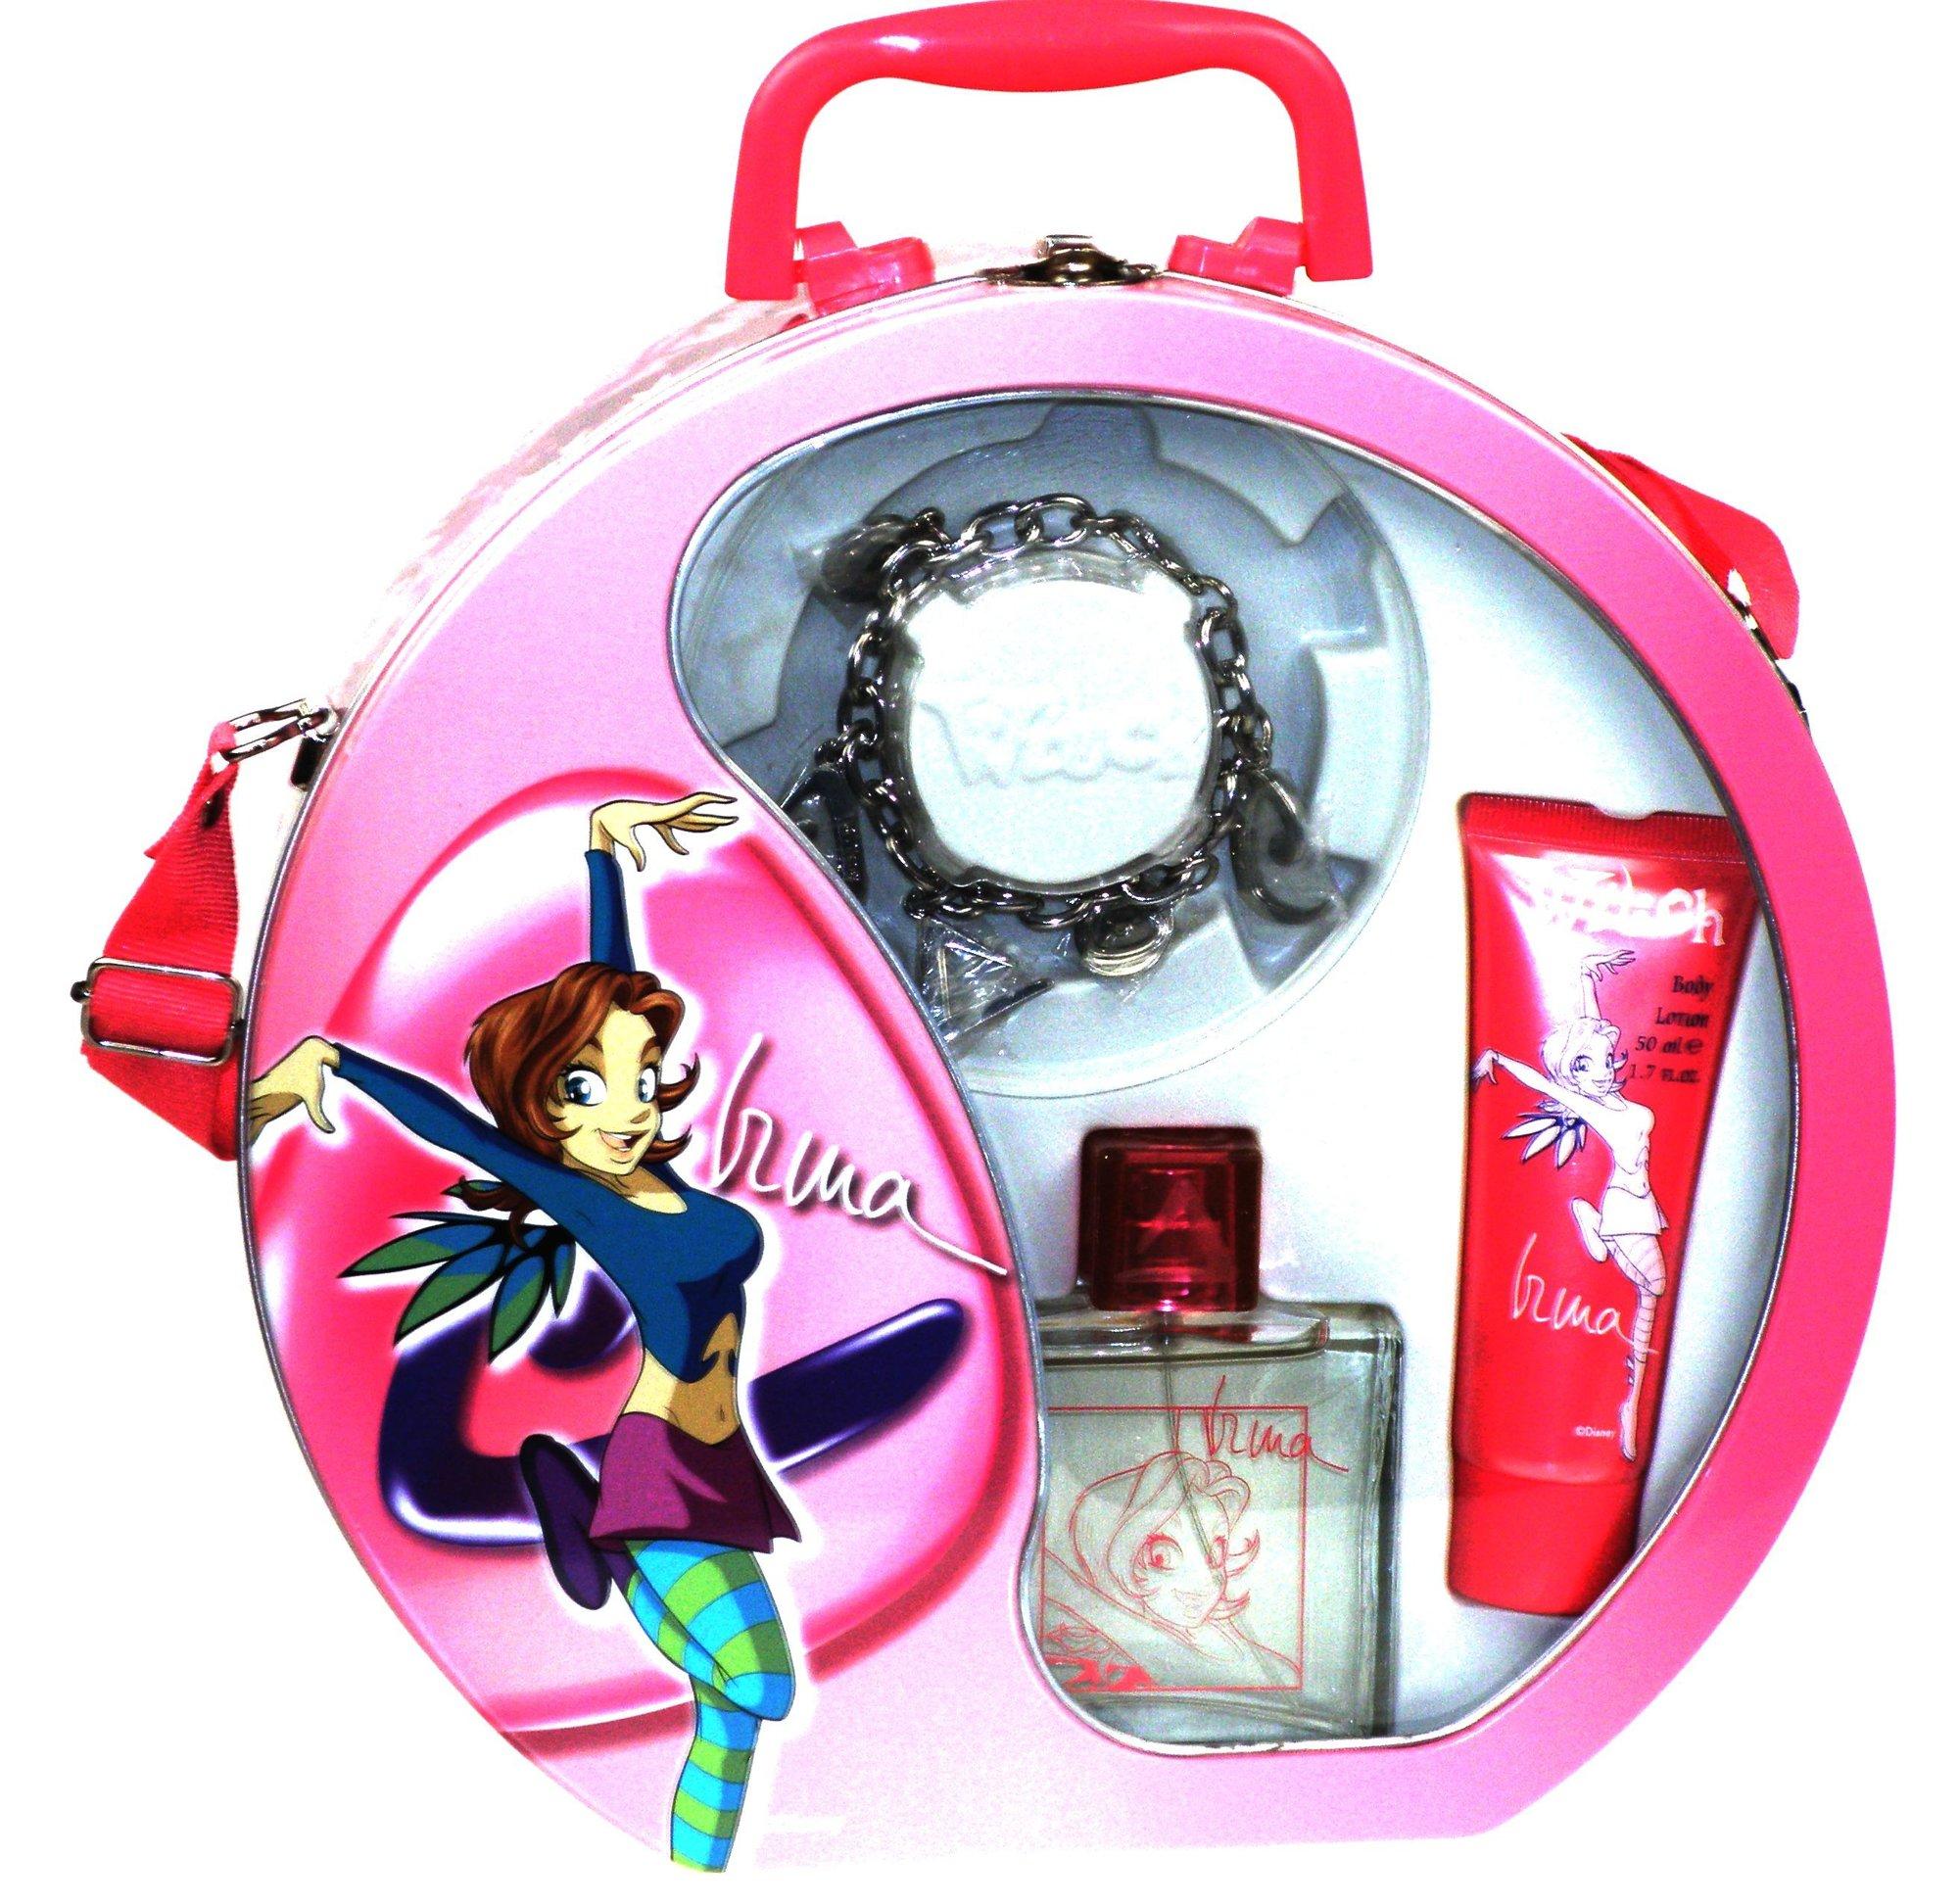 Disney Princess Witch Irma EDT 75ml